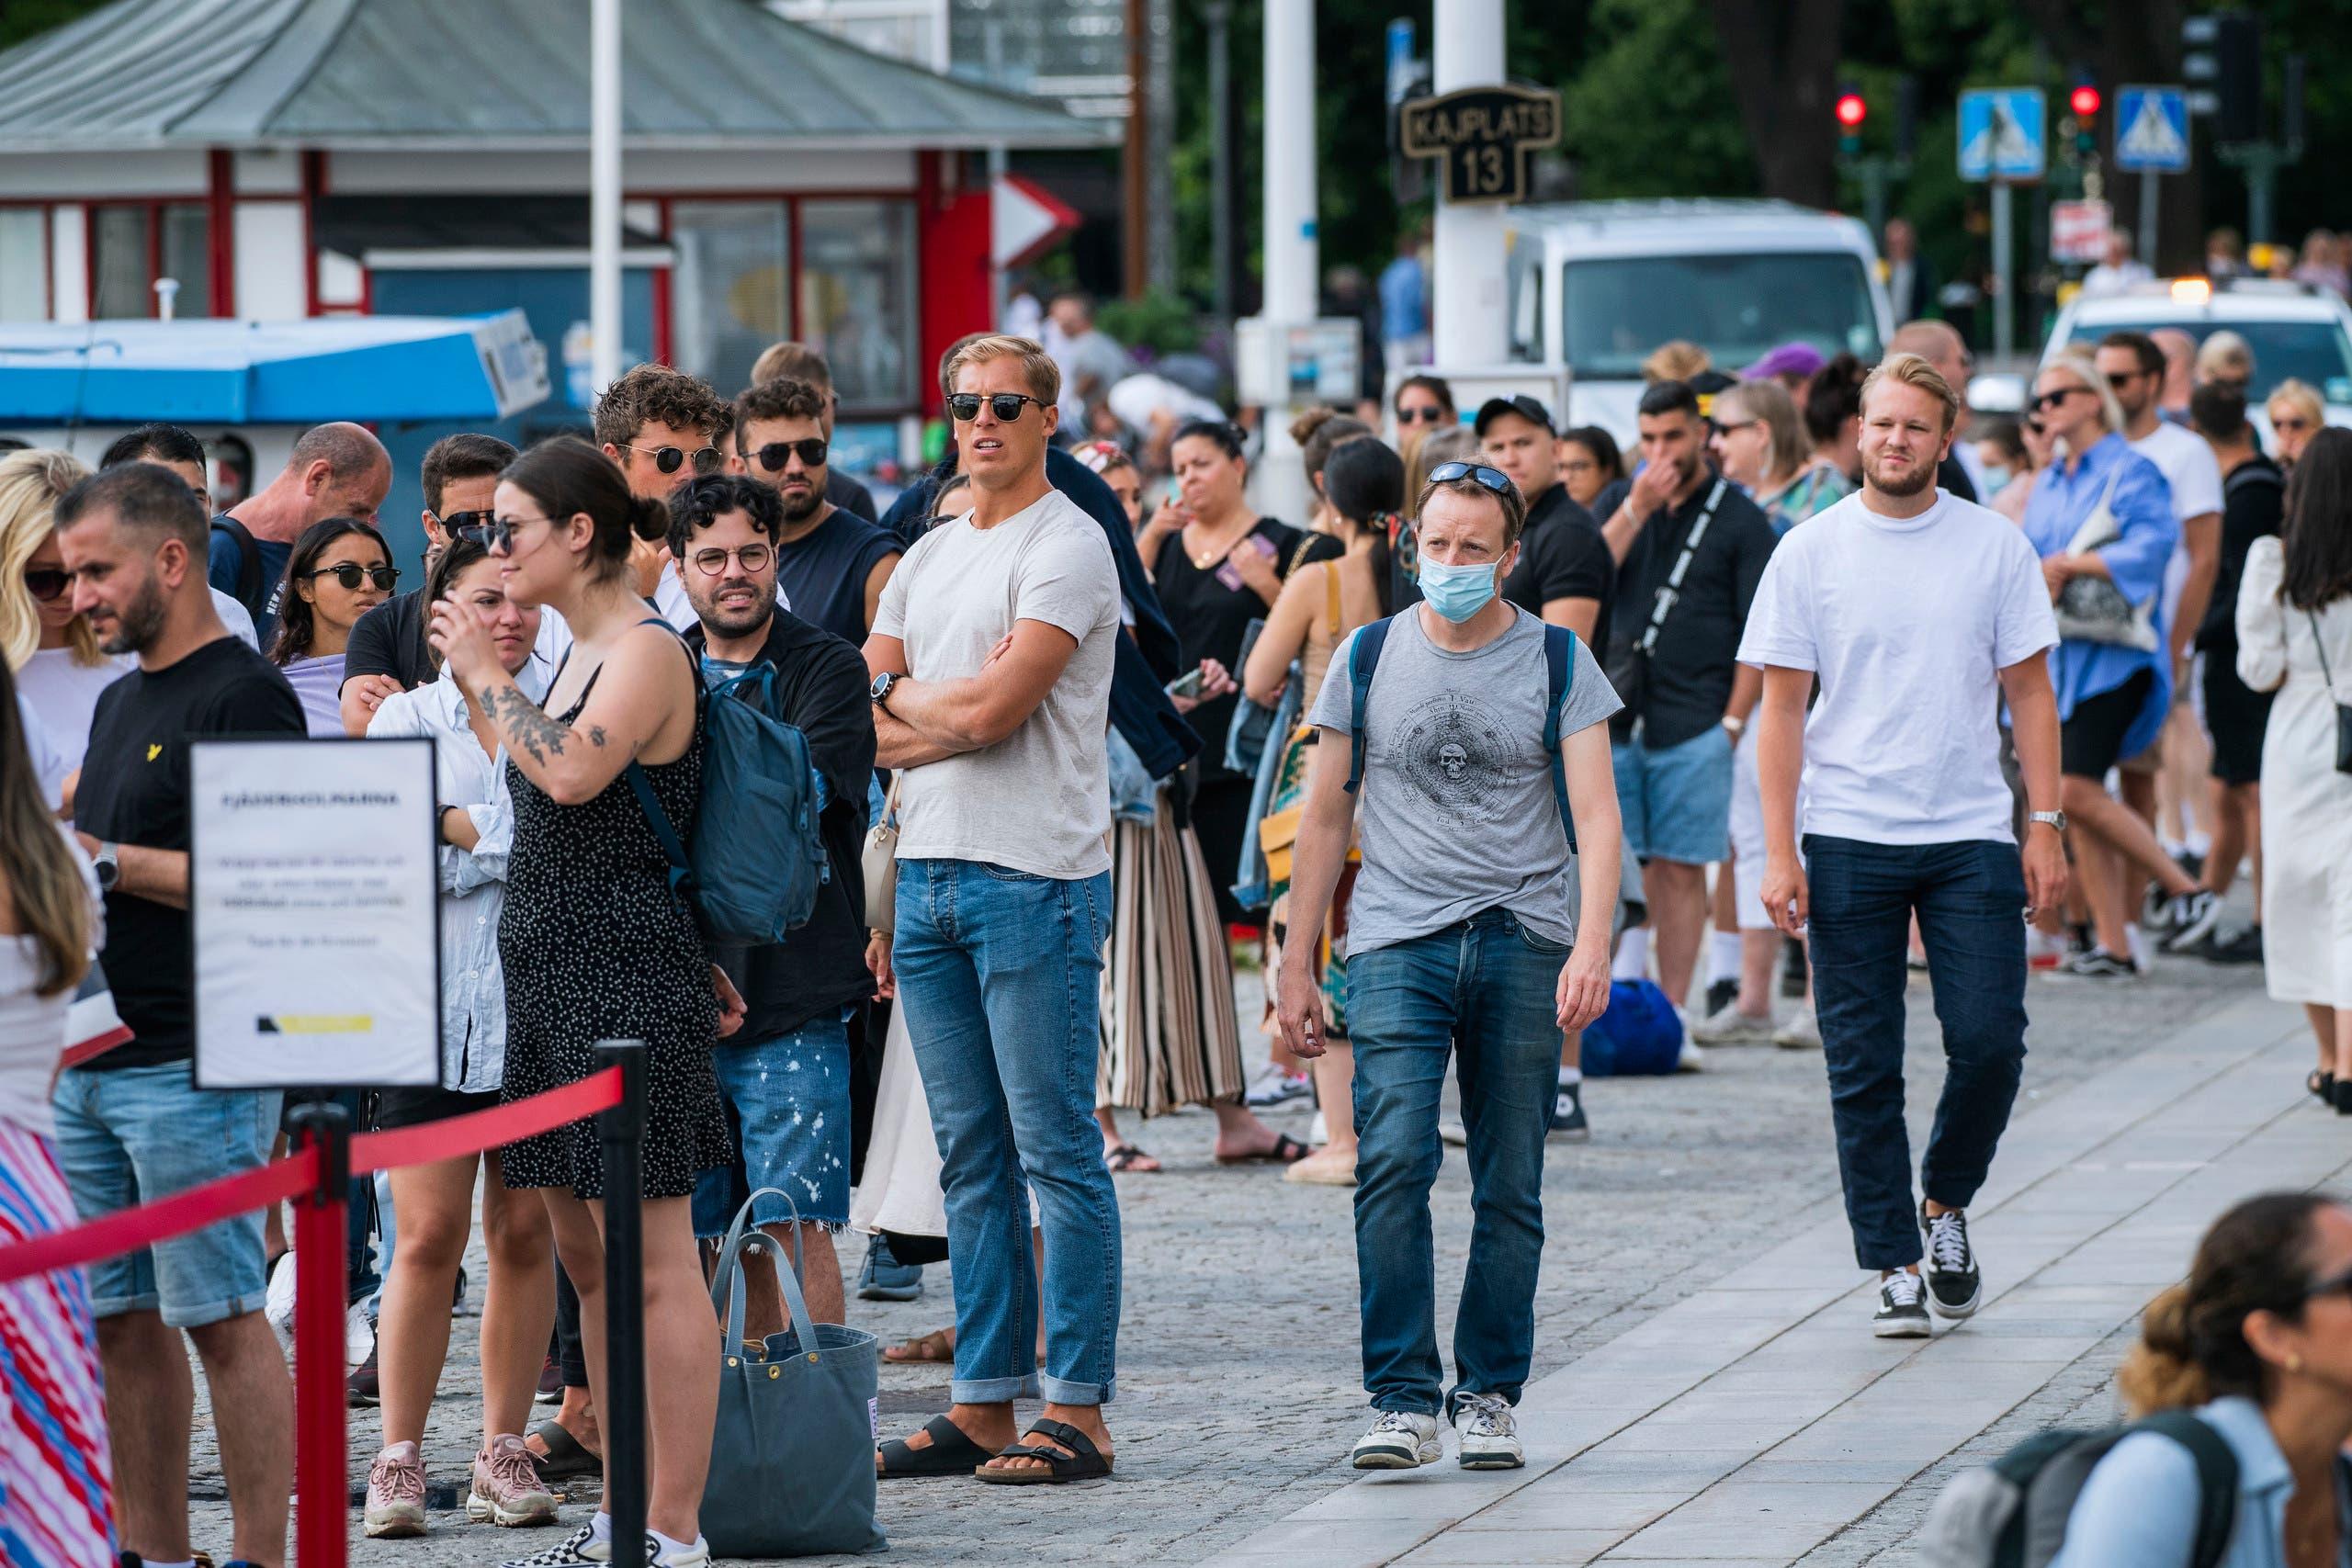 رجل يرتدي الكمامة وحيداً وسط مسافرين ينتظرون للركوب على متن إحدى السفن في السويد في يوليو الماضي